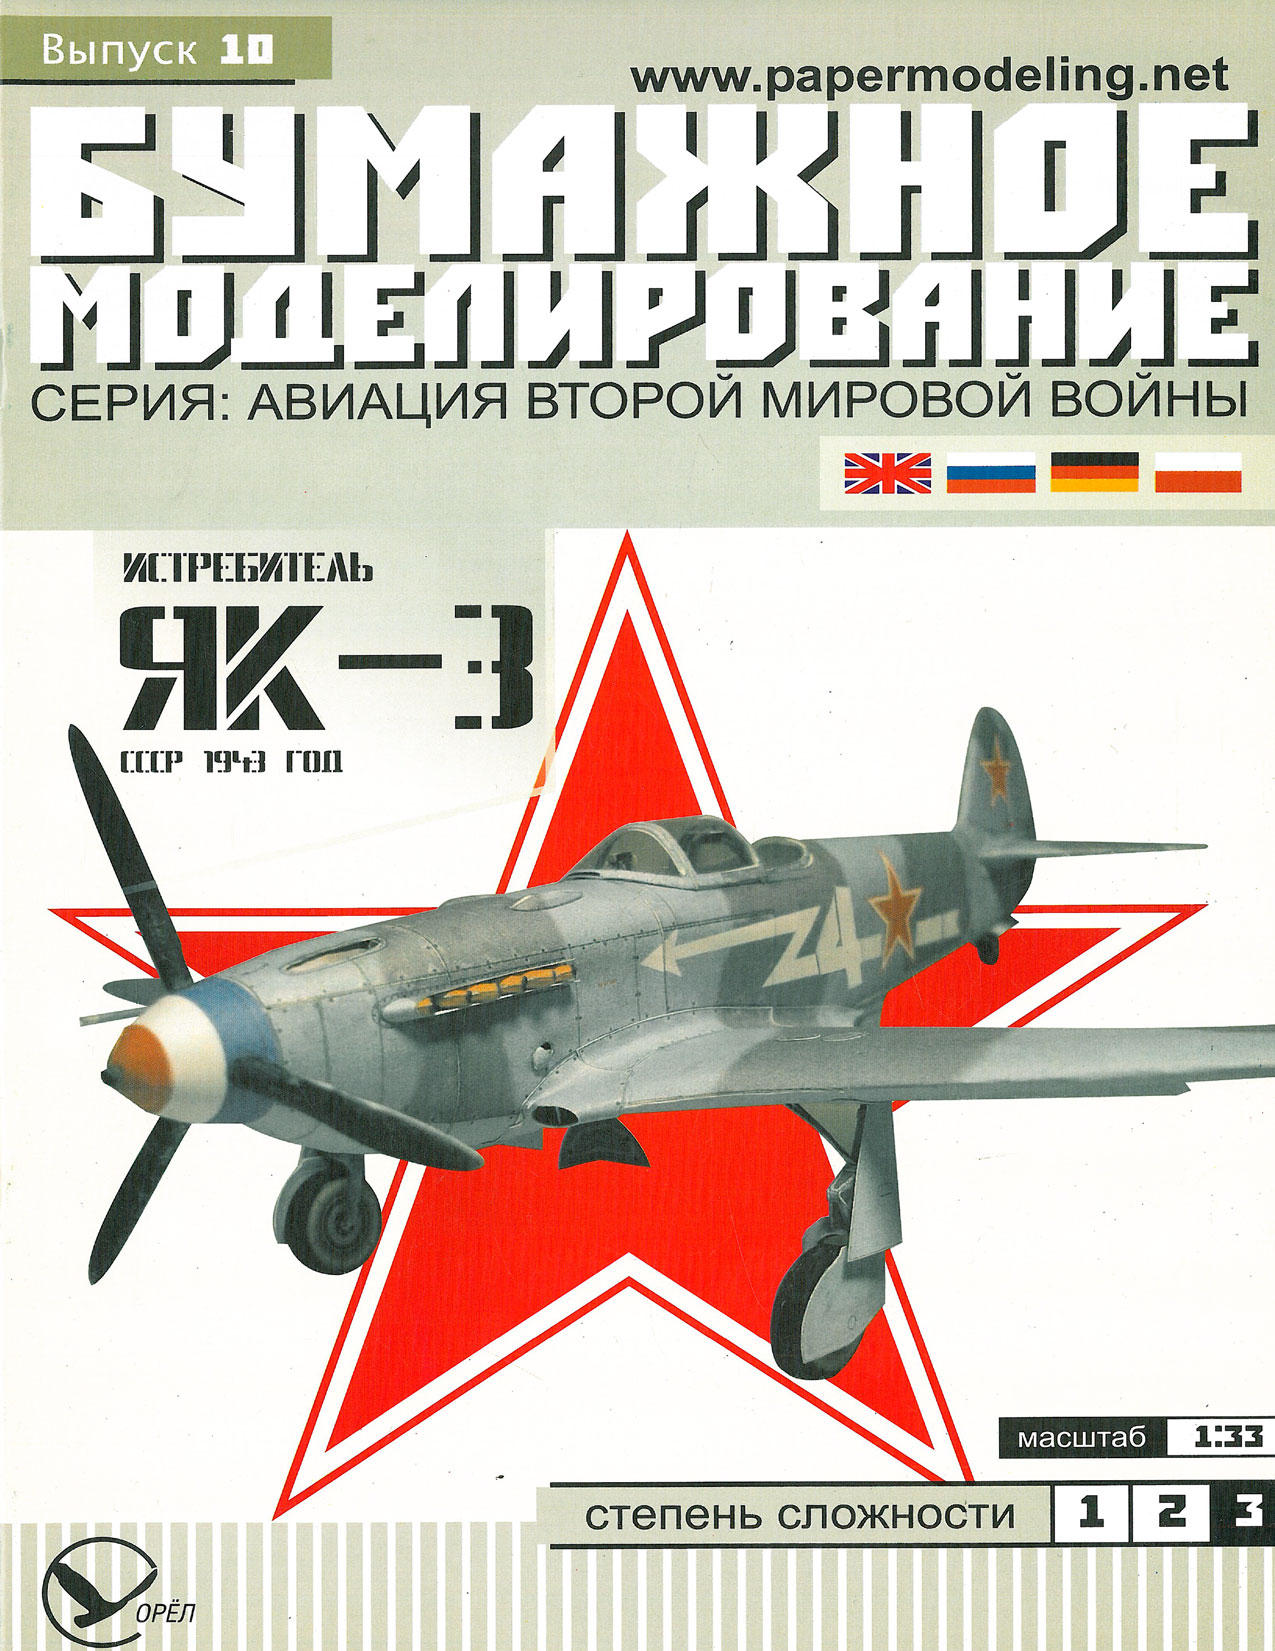 Истребитель ЯК-3. СССР 1943 г. Бумажная модель